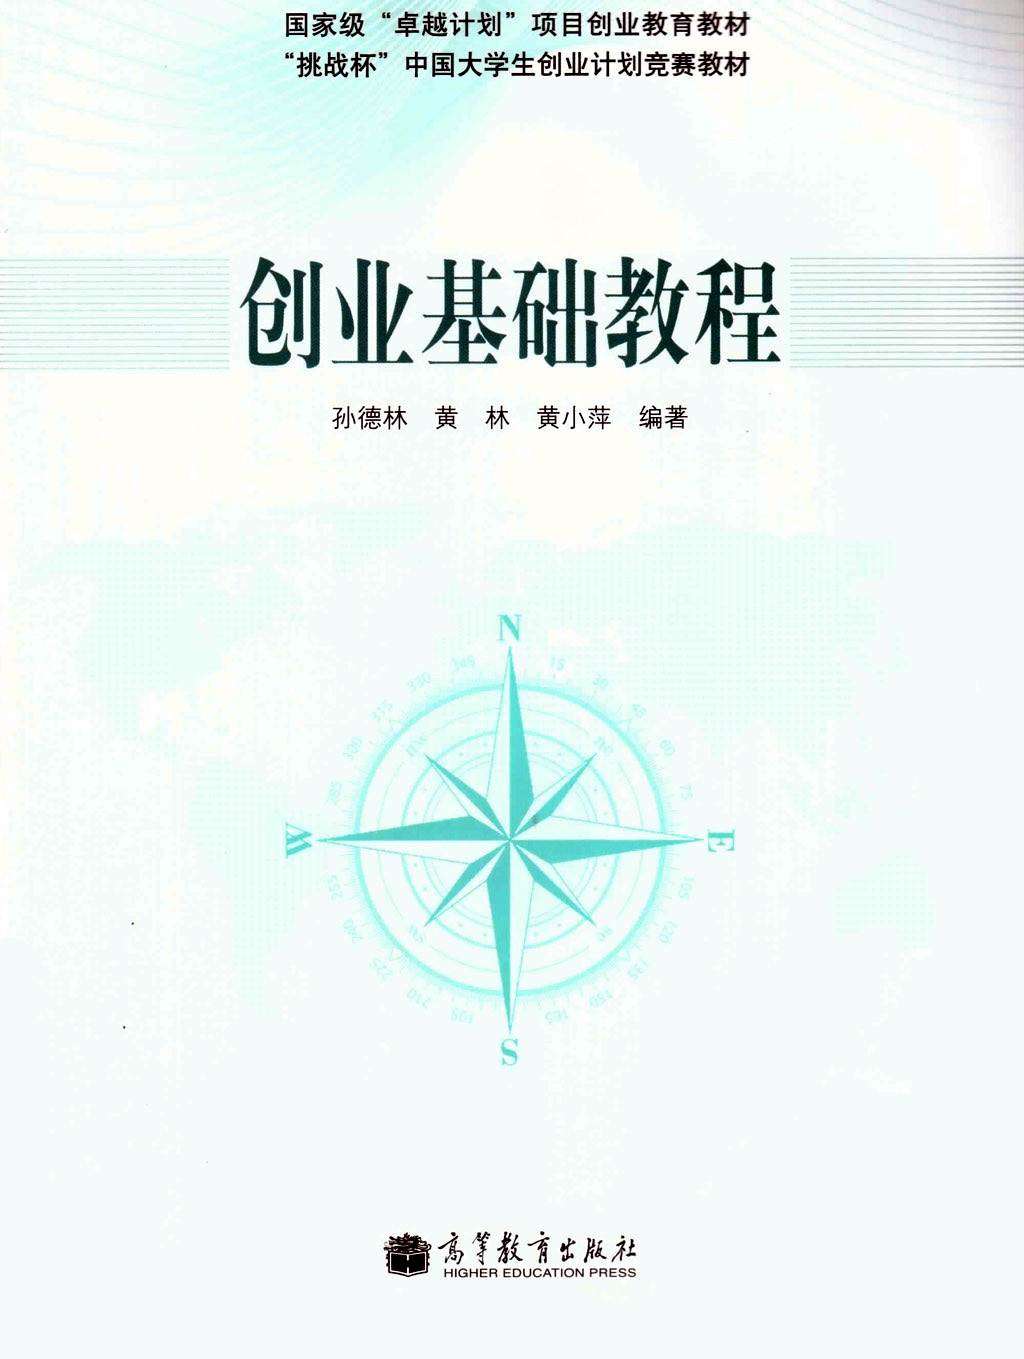 《创业基础教程》由高等教育出版